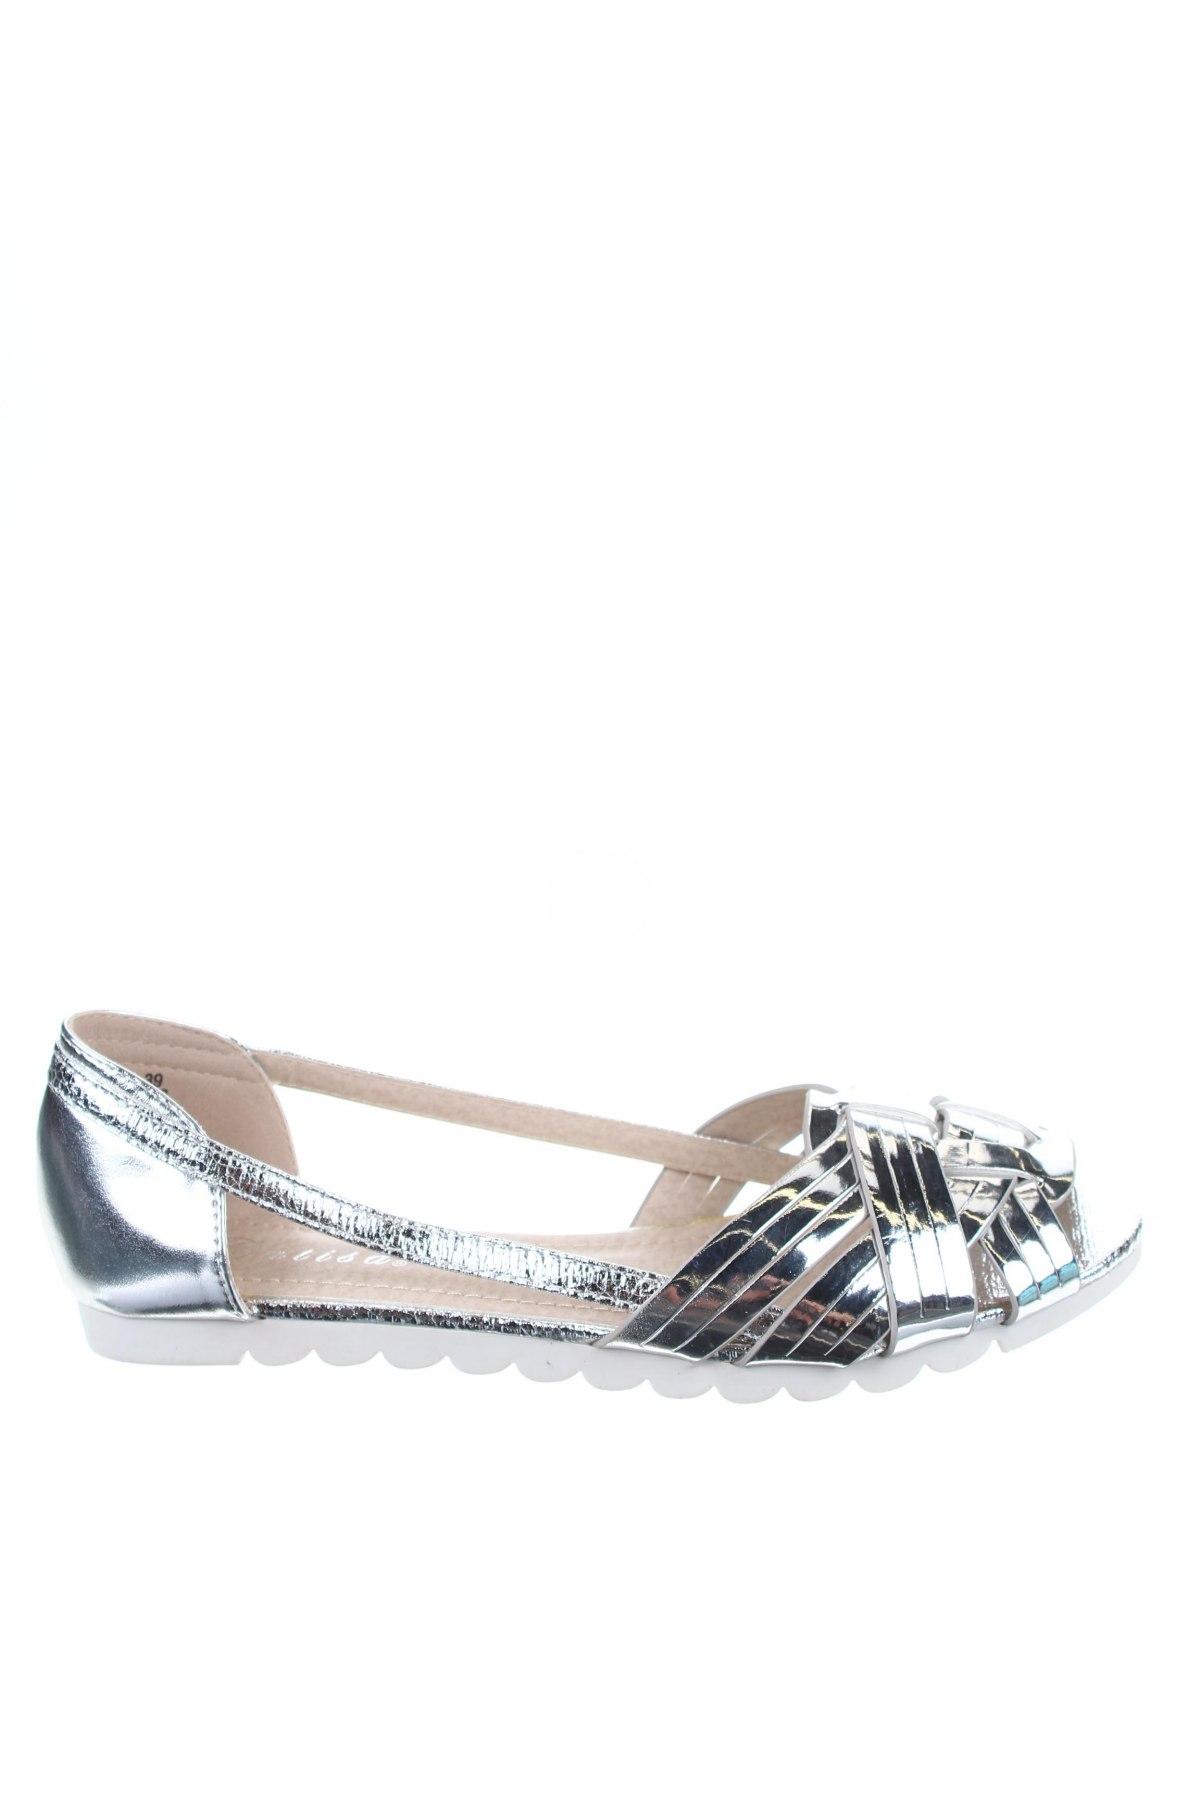 Γυναικεία παπούτσια Catisa, Μέγεθος 39, Χρώμα Ασημί, Δερματίνη, Τιμή 17,42€